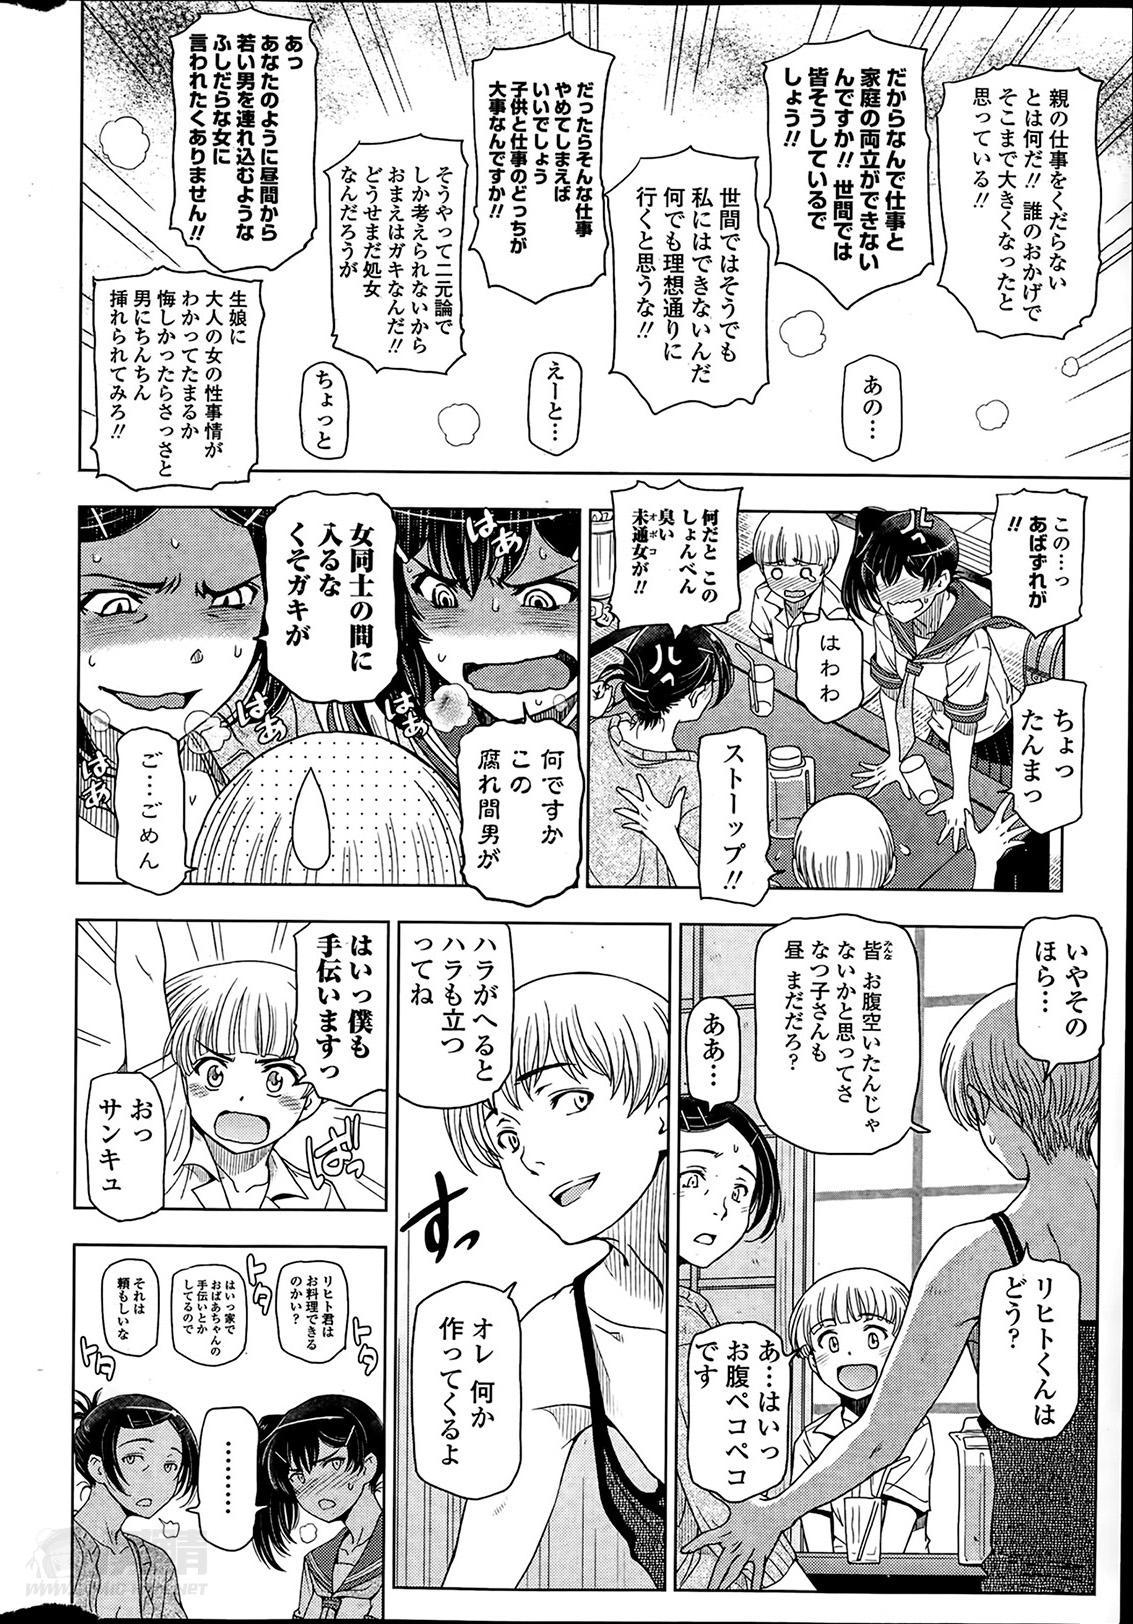 Natsu jiru + extra 25